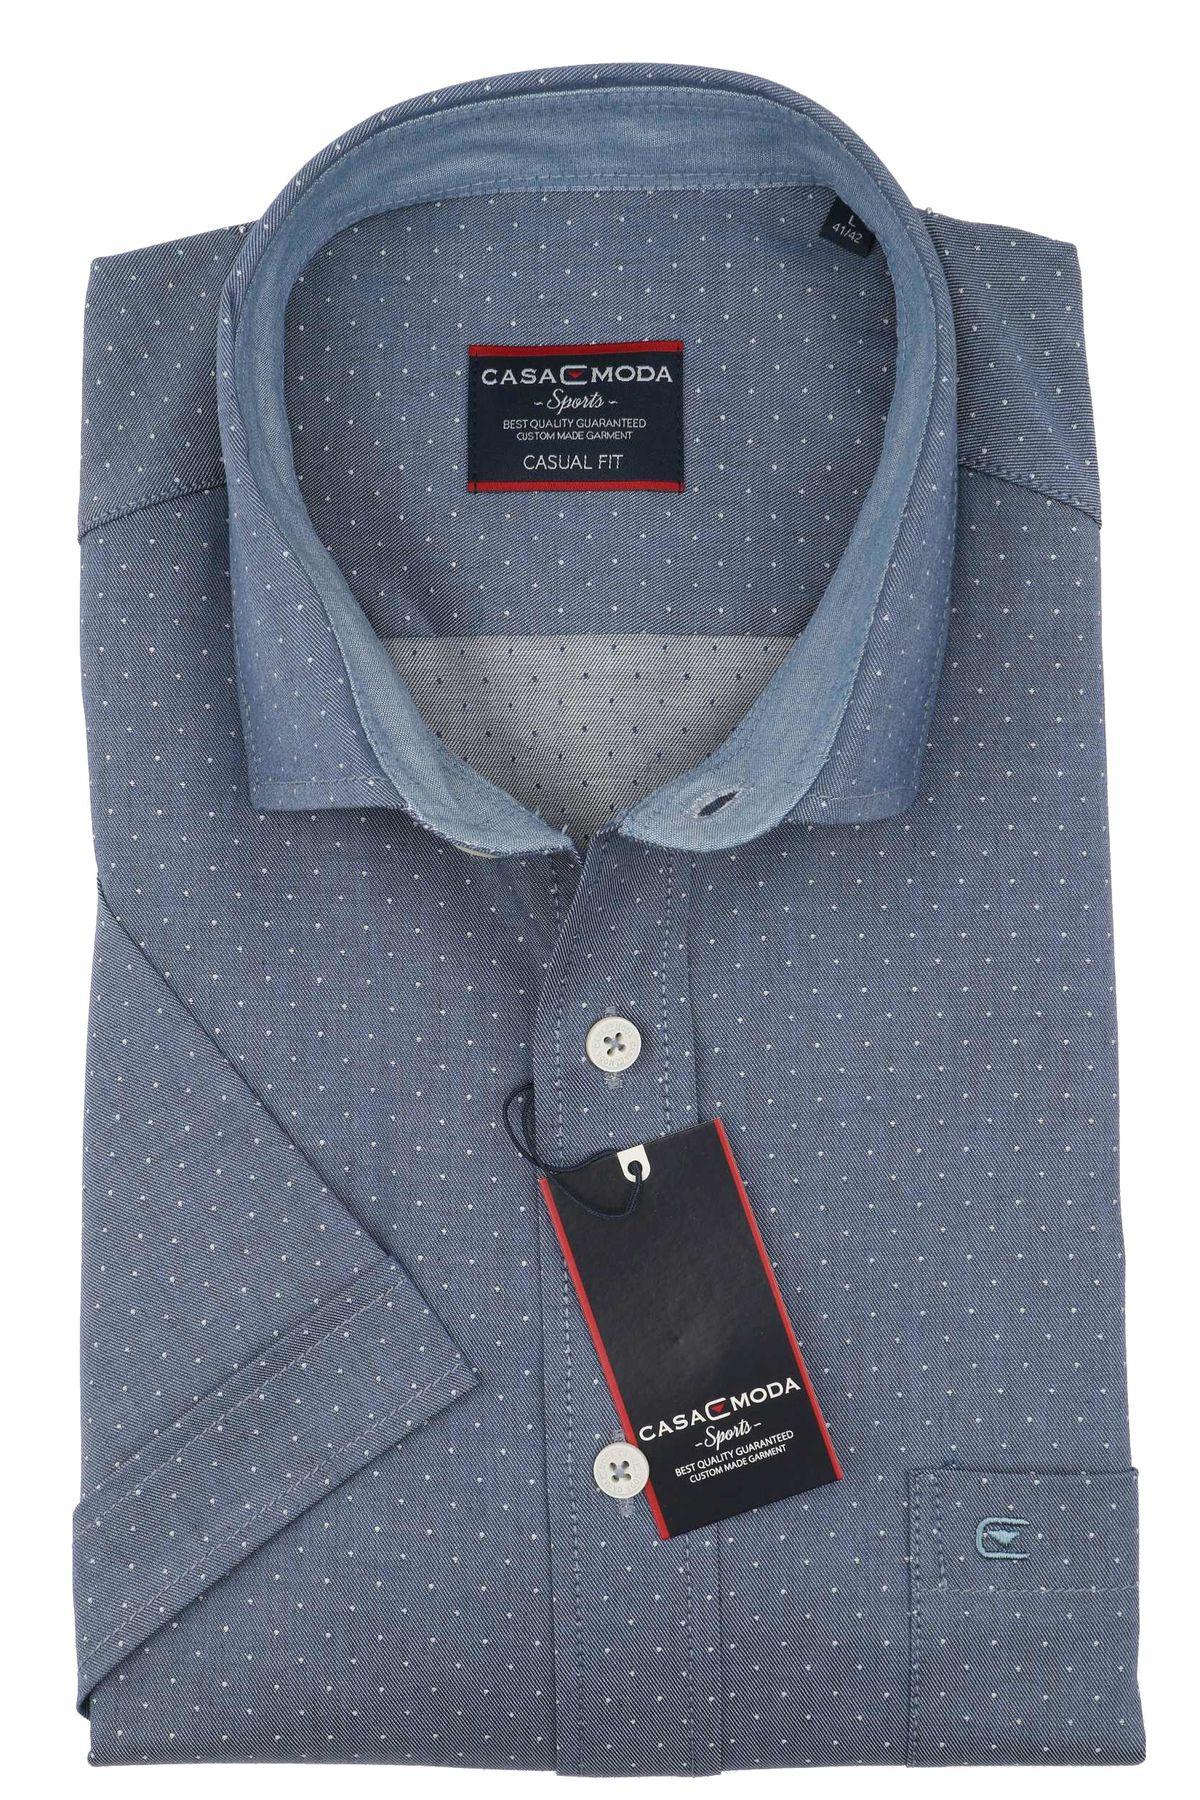 Casa Moda - Casual Fit - Herren Freizeit 1/2-Arm-Hemd in verschiedenen Farben mit Kent-Kragen (983074600) – Bild 11